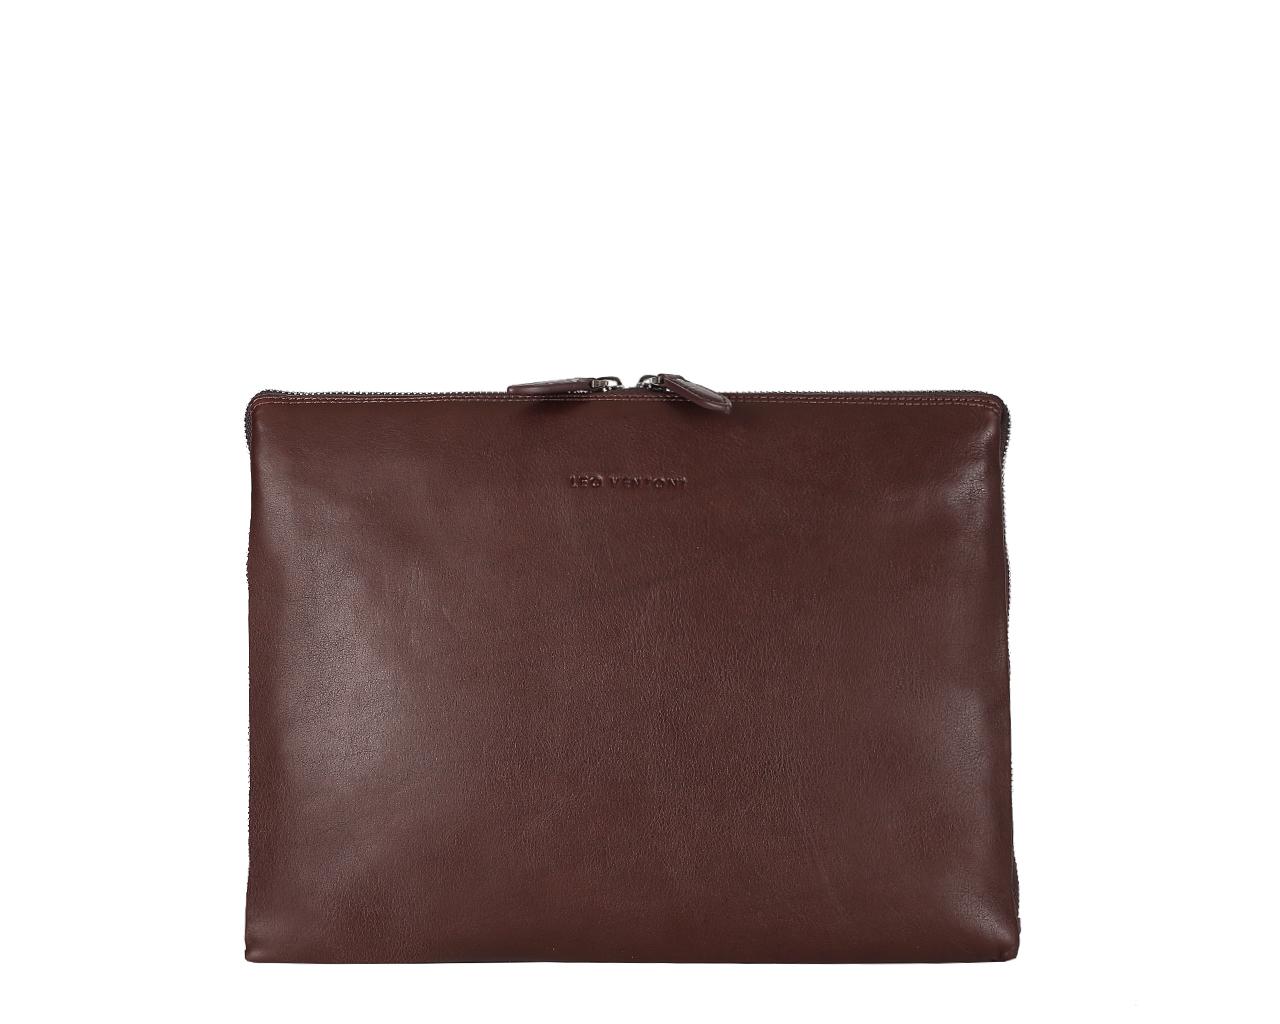 Папка мужская Leo Ventoni, цвет: темно-коричневый. 03002352 03002352-marrone